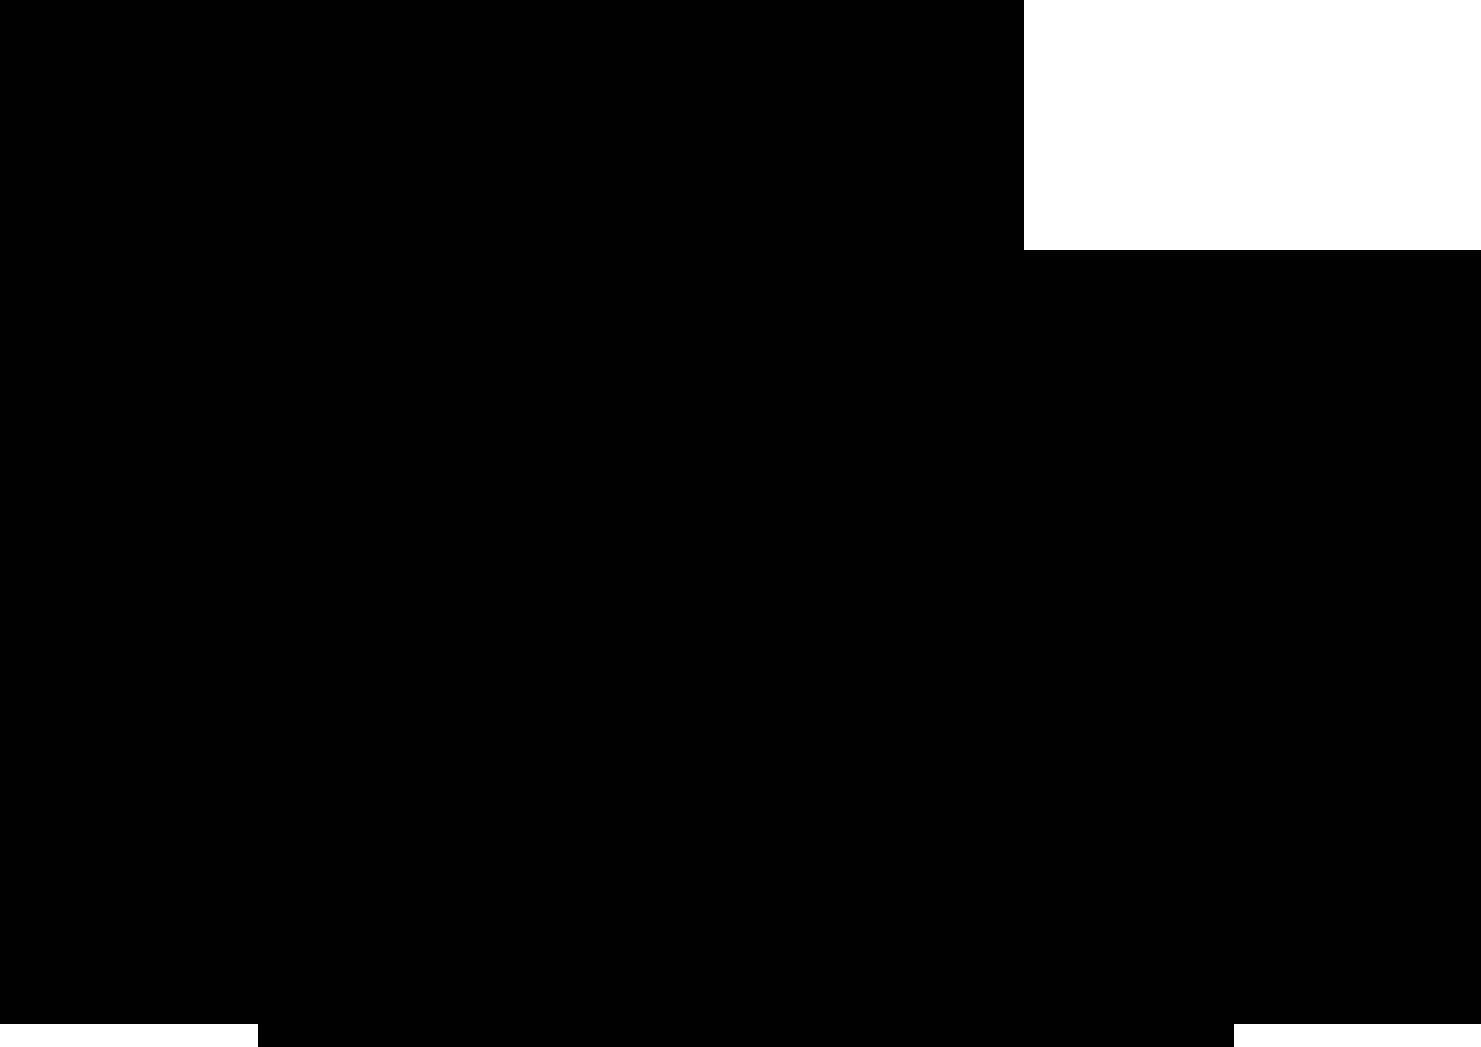 Гравюра (корона)